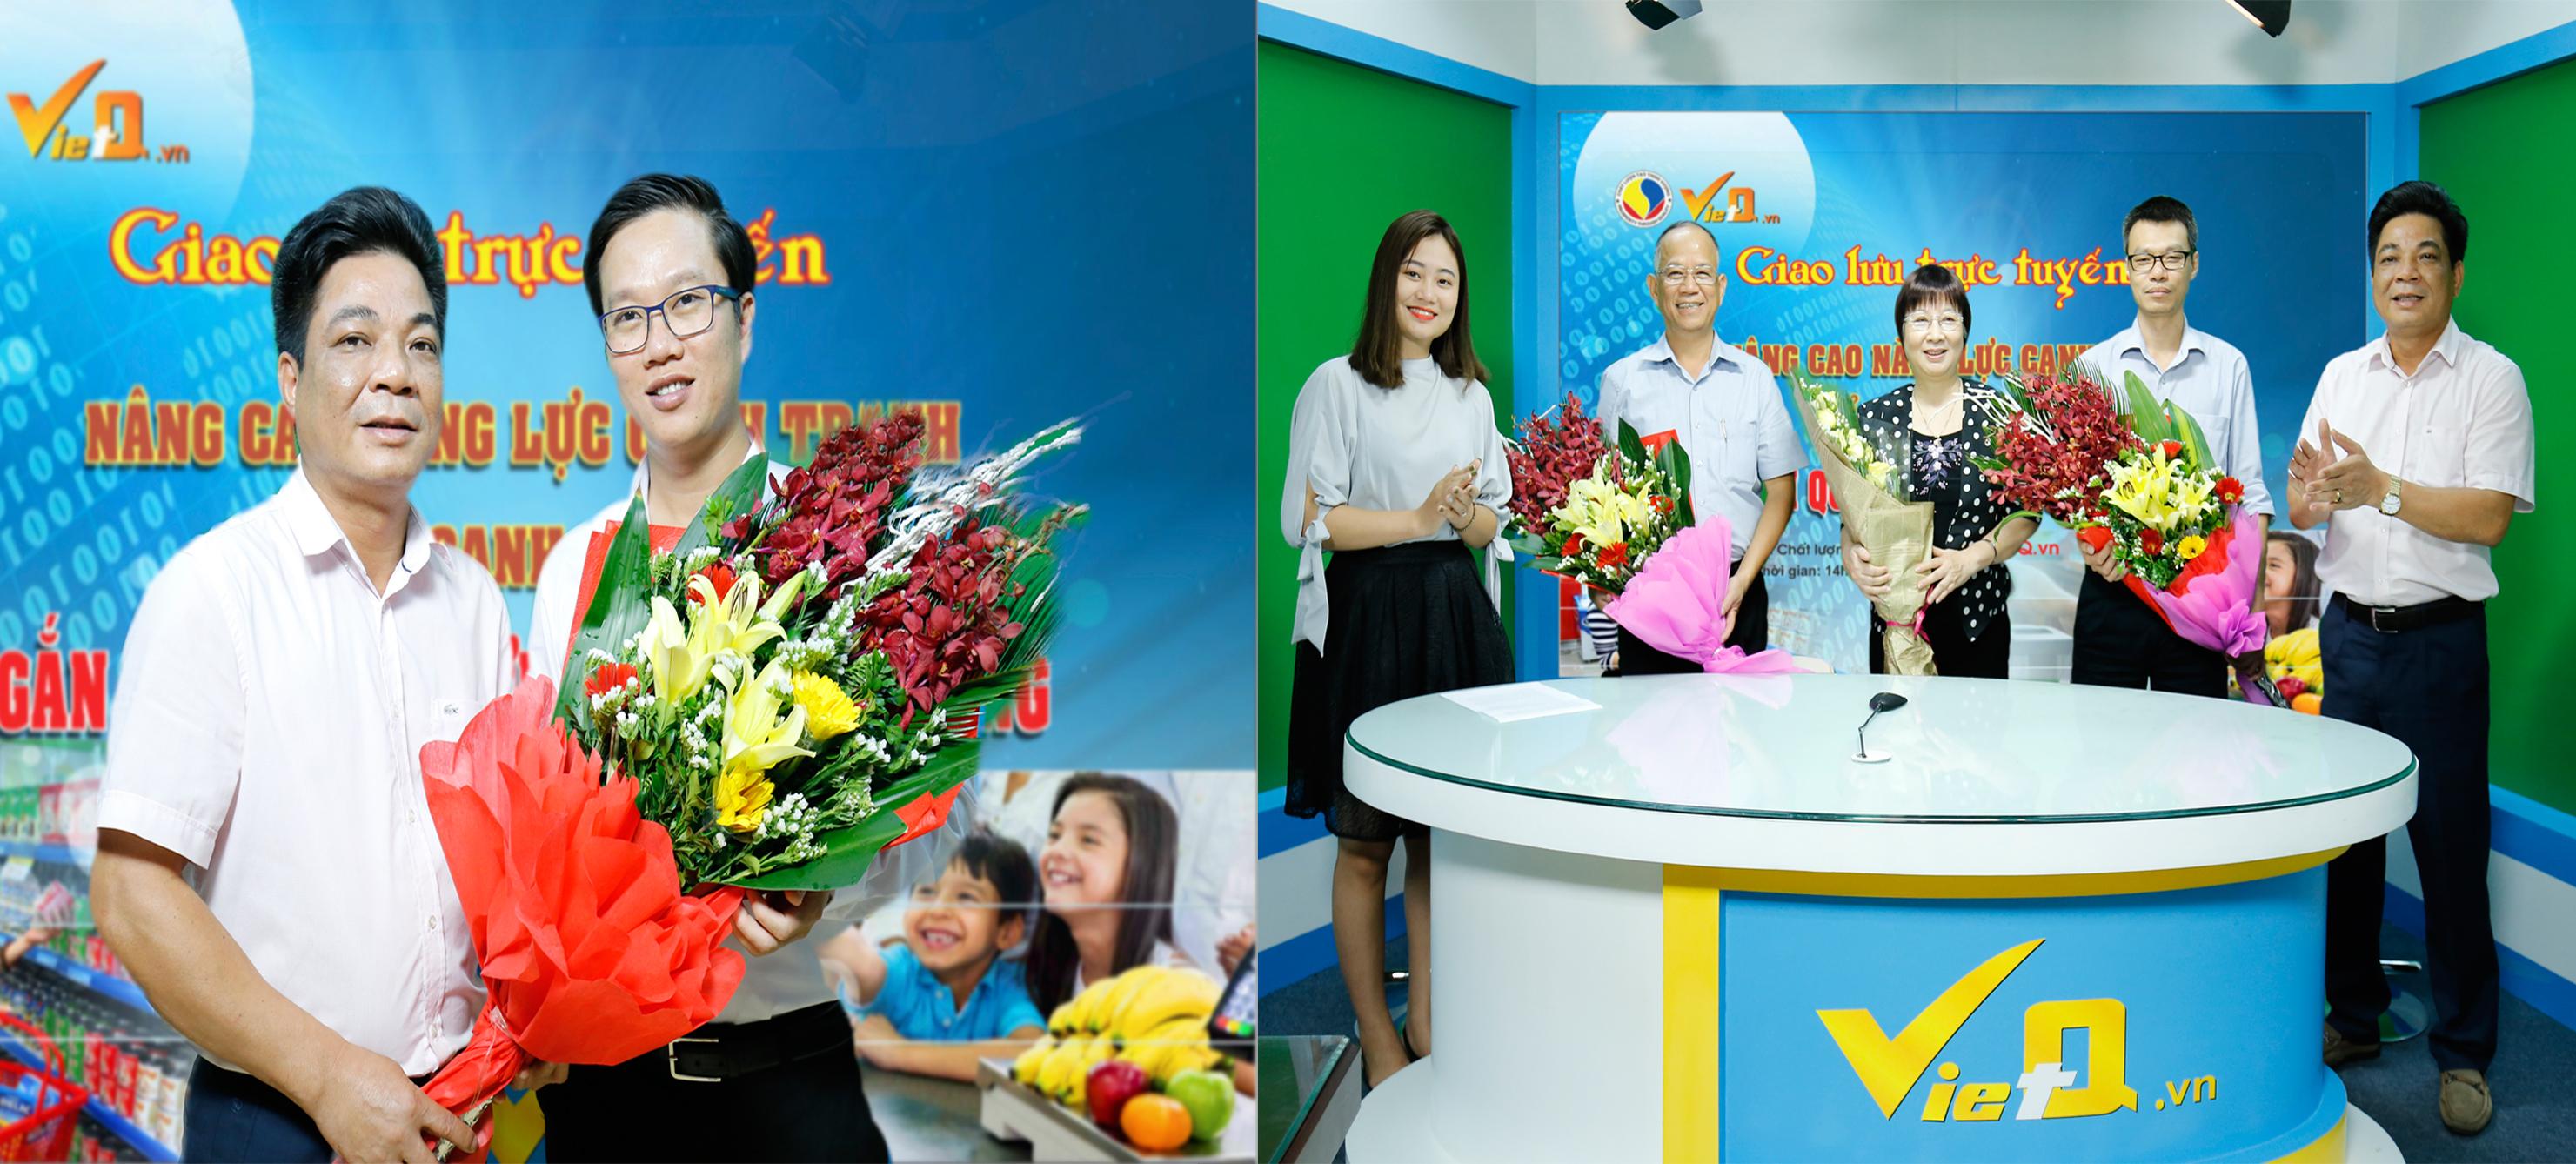 Tổng Biên tập Trần Văn Dư tặng hoa các khách mời tham dự giao lưu trực tuyến ''Nâng cao năng lực cạnh tranh của doanh nghiệp gắn với quyền lợi người tiêu dùng''